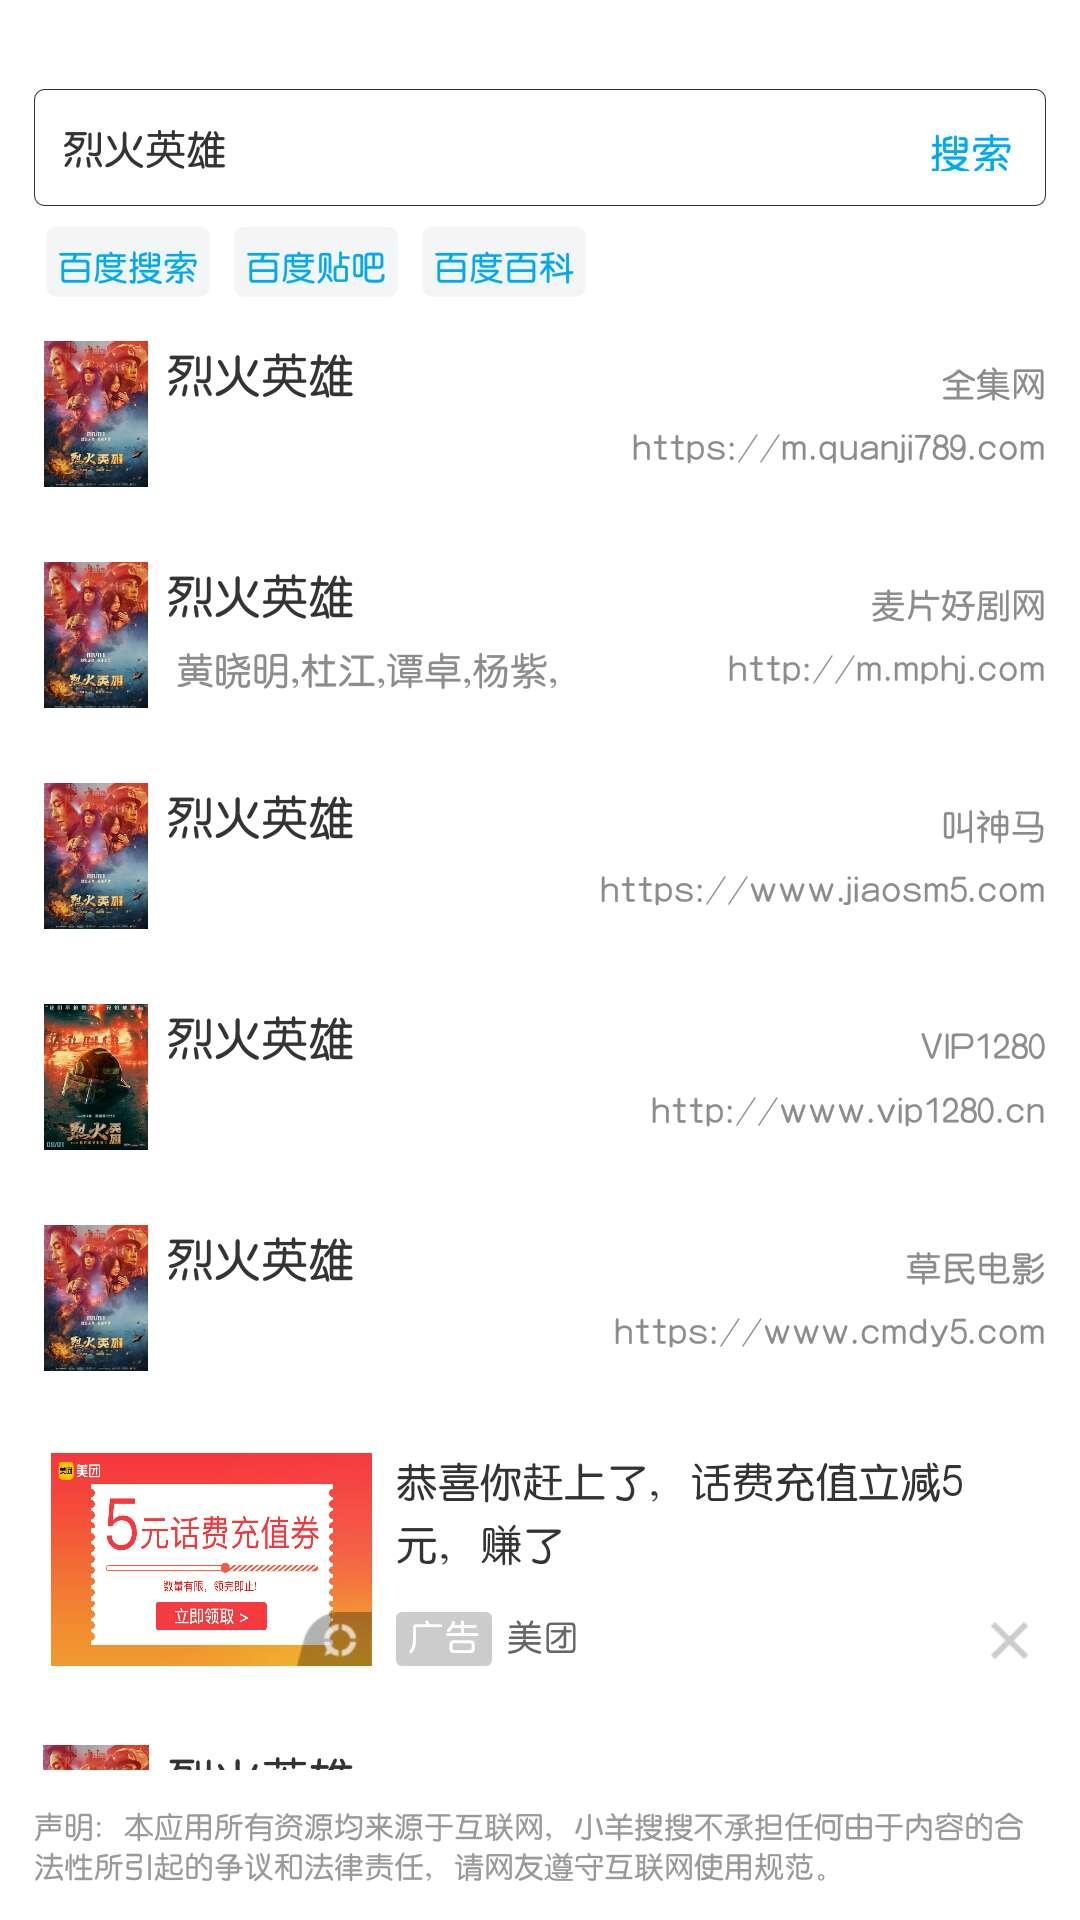 【分享】小羊搜搜 1.4.3